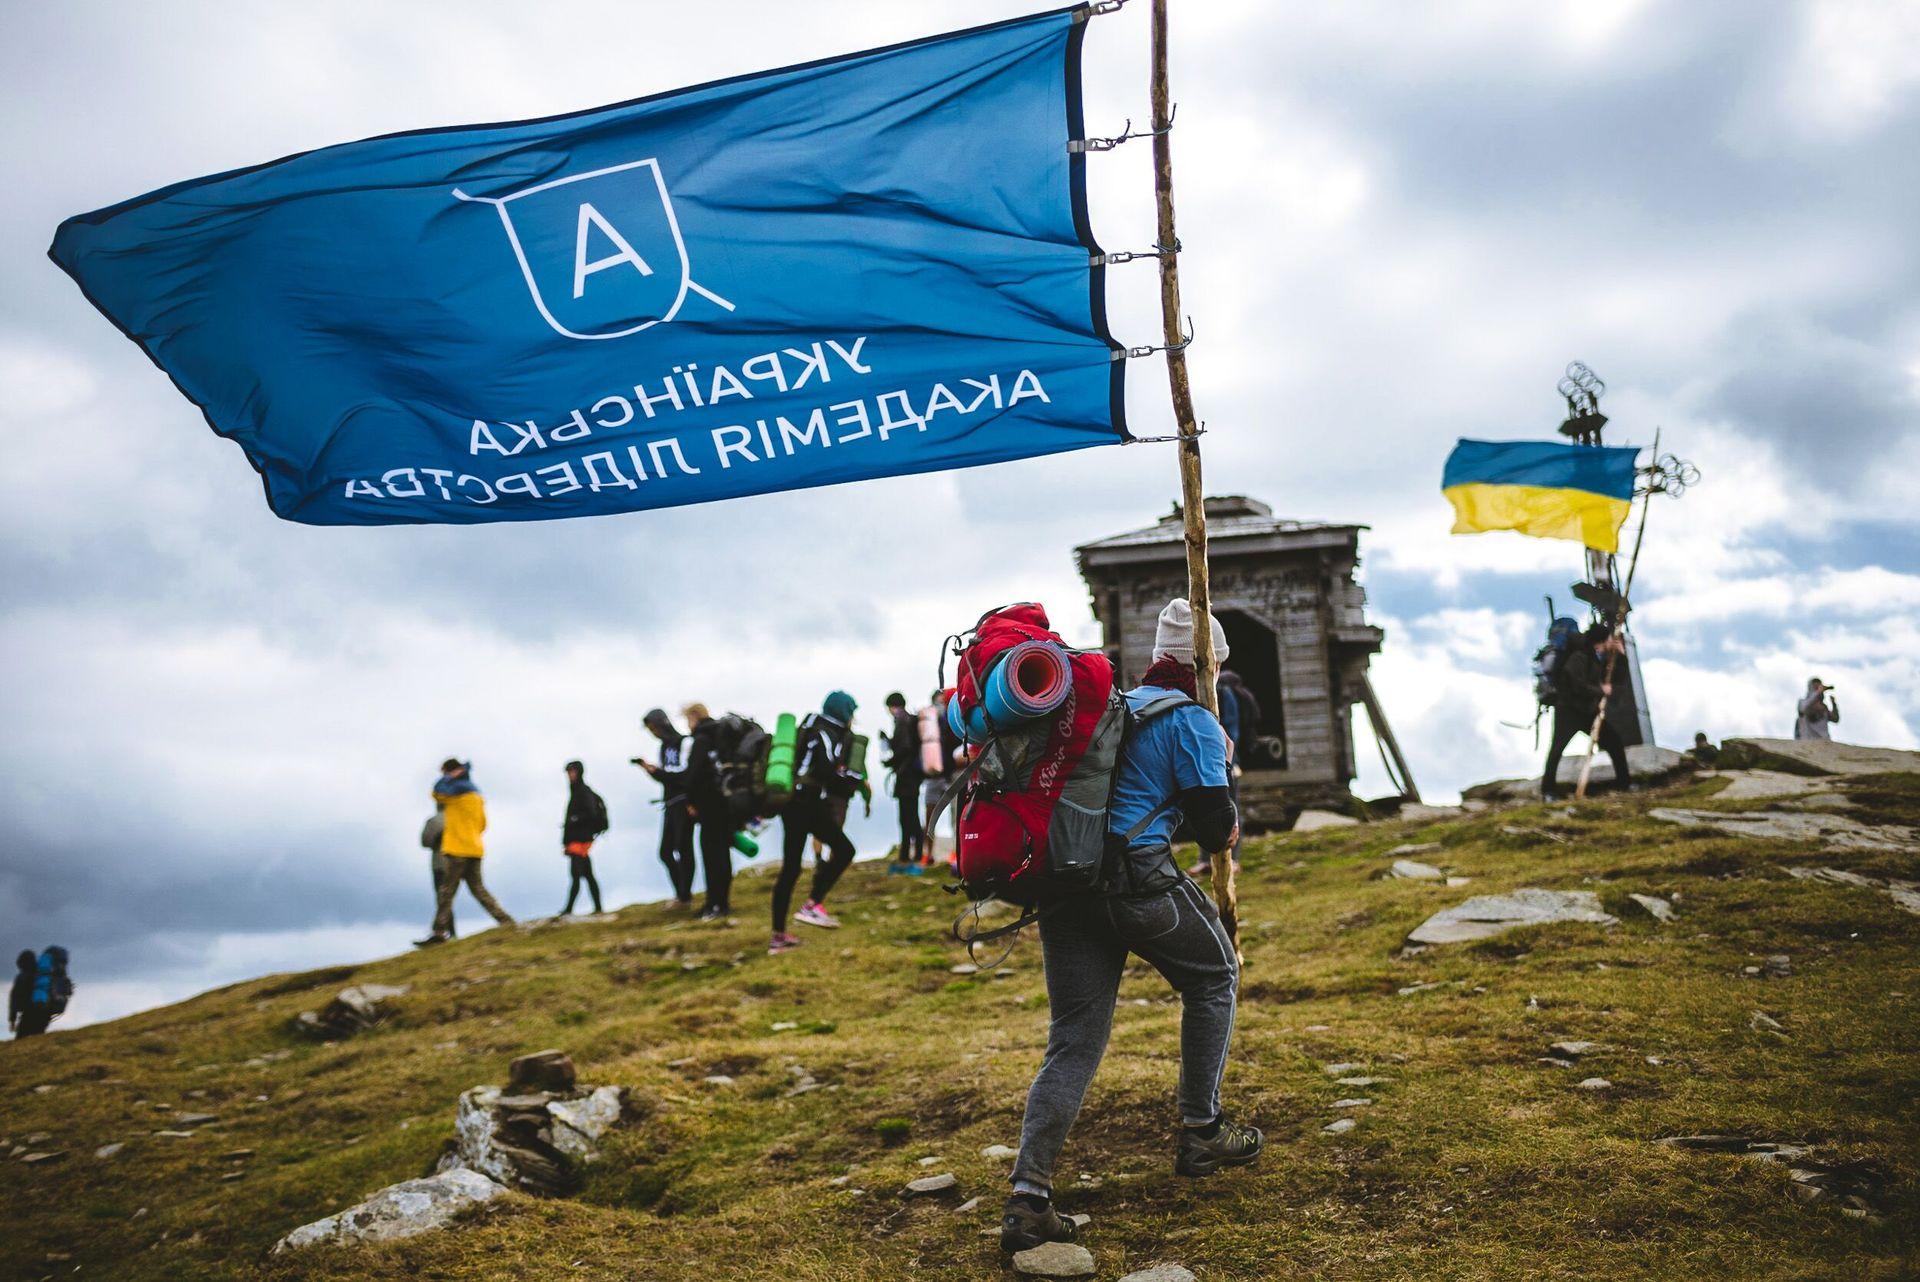 Українська Академія лідерства оголосила новий набір студентів